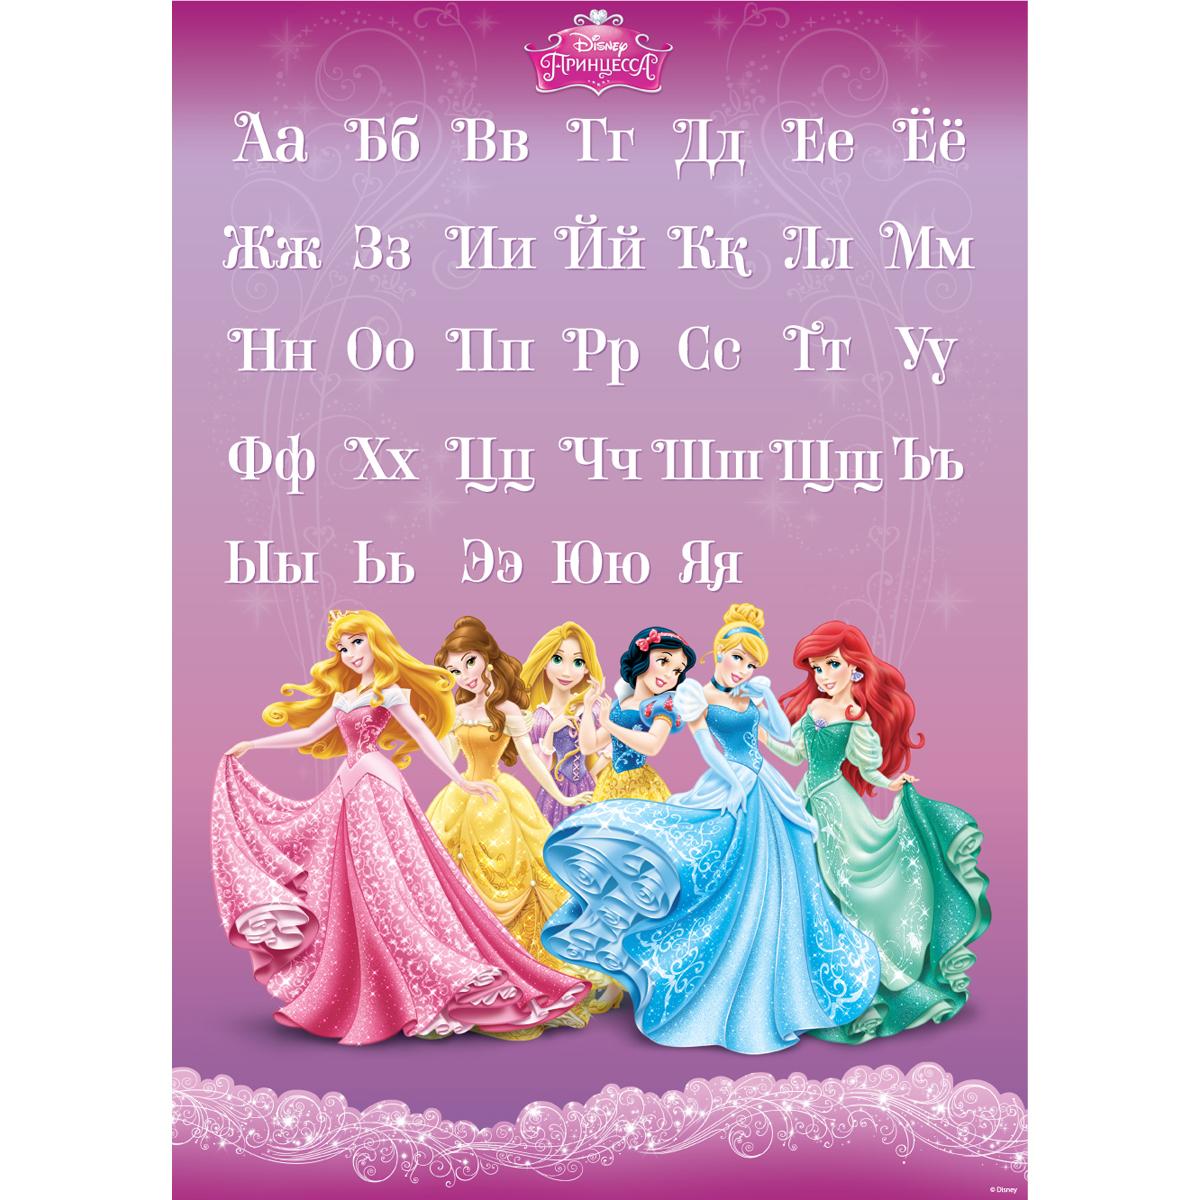 Decoretto Наклейка Русский алфавит Принцессы003816Наклейка Decoretto Русский алфавит. Принцессы выполнена из винила и оформлена изображением диснеевских принцесс. С ней процесс обучения ребенка русскому алфавиту пройдет намного веселее.Особенности наклейки: - cъемная и многоразовая (не оставляет следов);- водостойкая; - безопасна для окрашенных стен; - матовое исполнение; - нетоксичный, экологически чистый материал; - поставляется с инструкцией;- держится на поверхности не менее 3 лет.Подходит для следующих поверхностей: дерево, плитка, металл, стекло, обои, пластик.